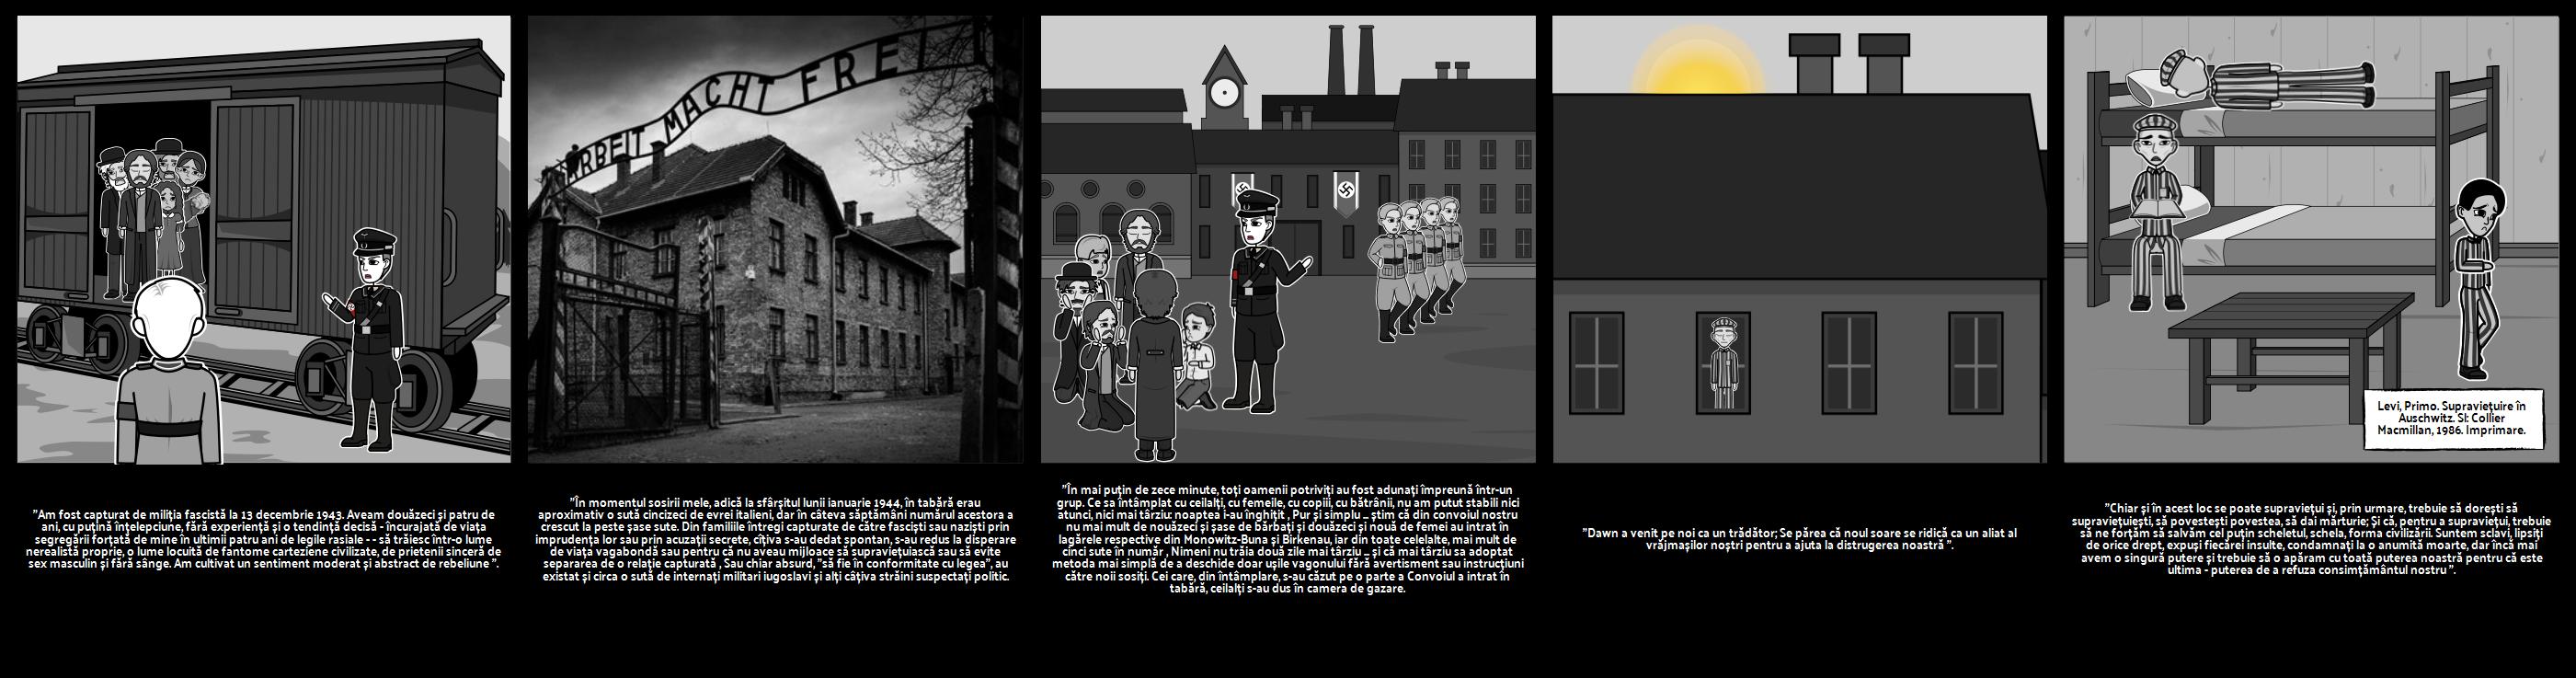 Istoria Holocaustului - Victime ale Holocaustului: Primo Levy